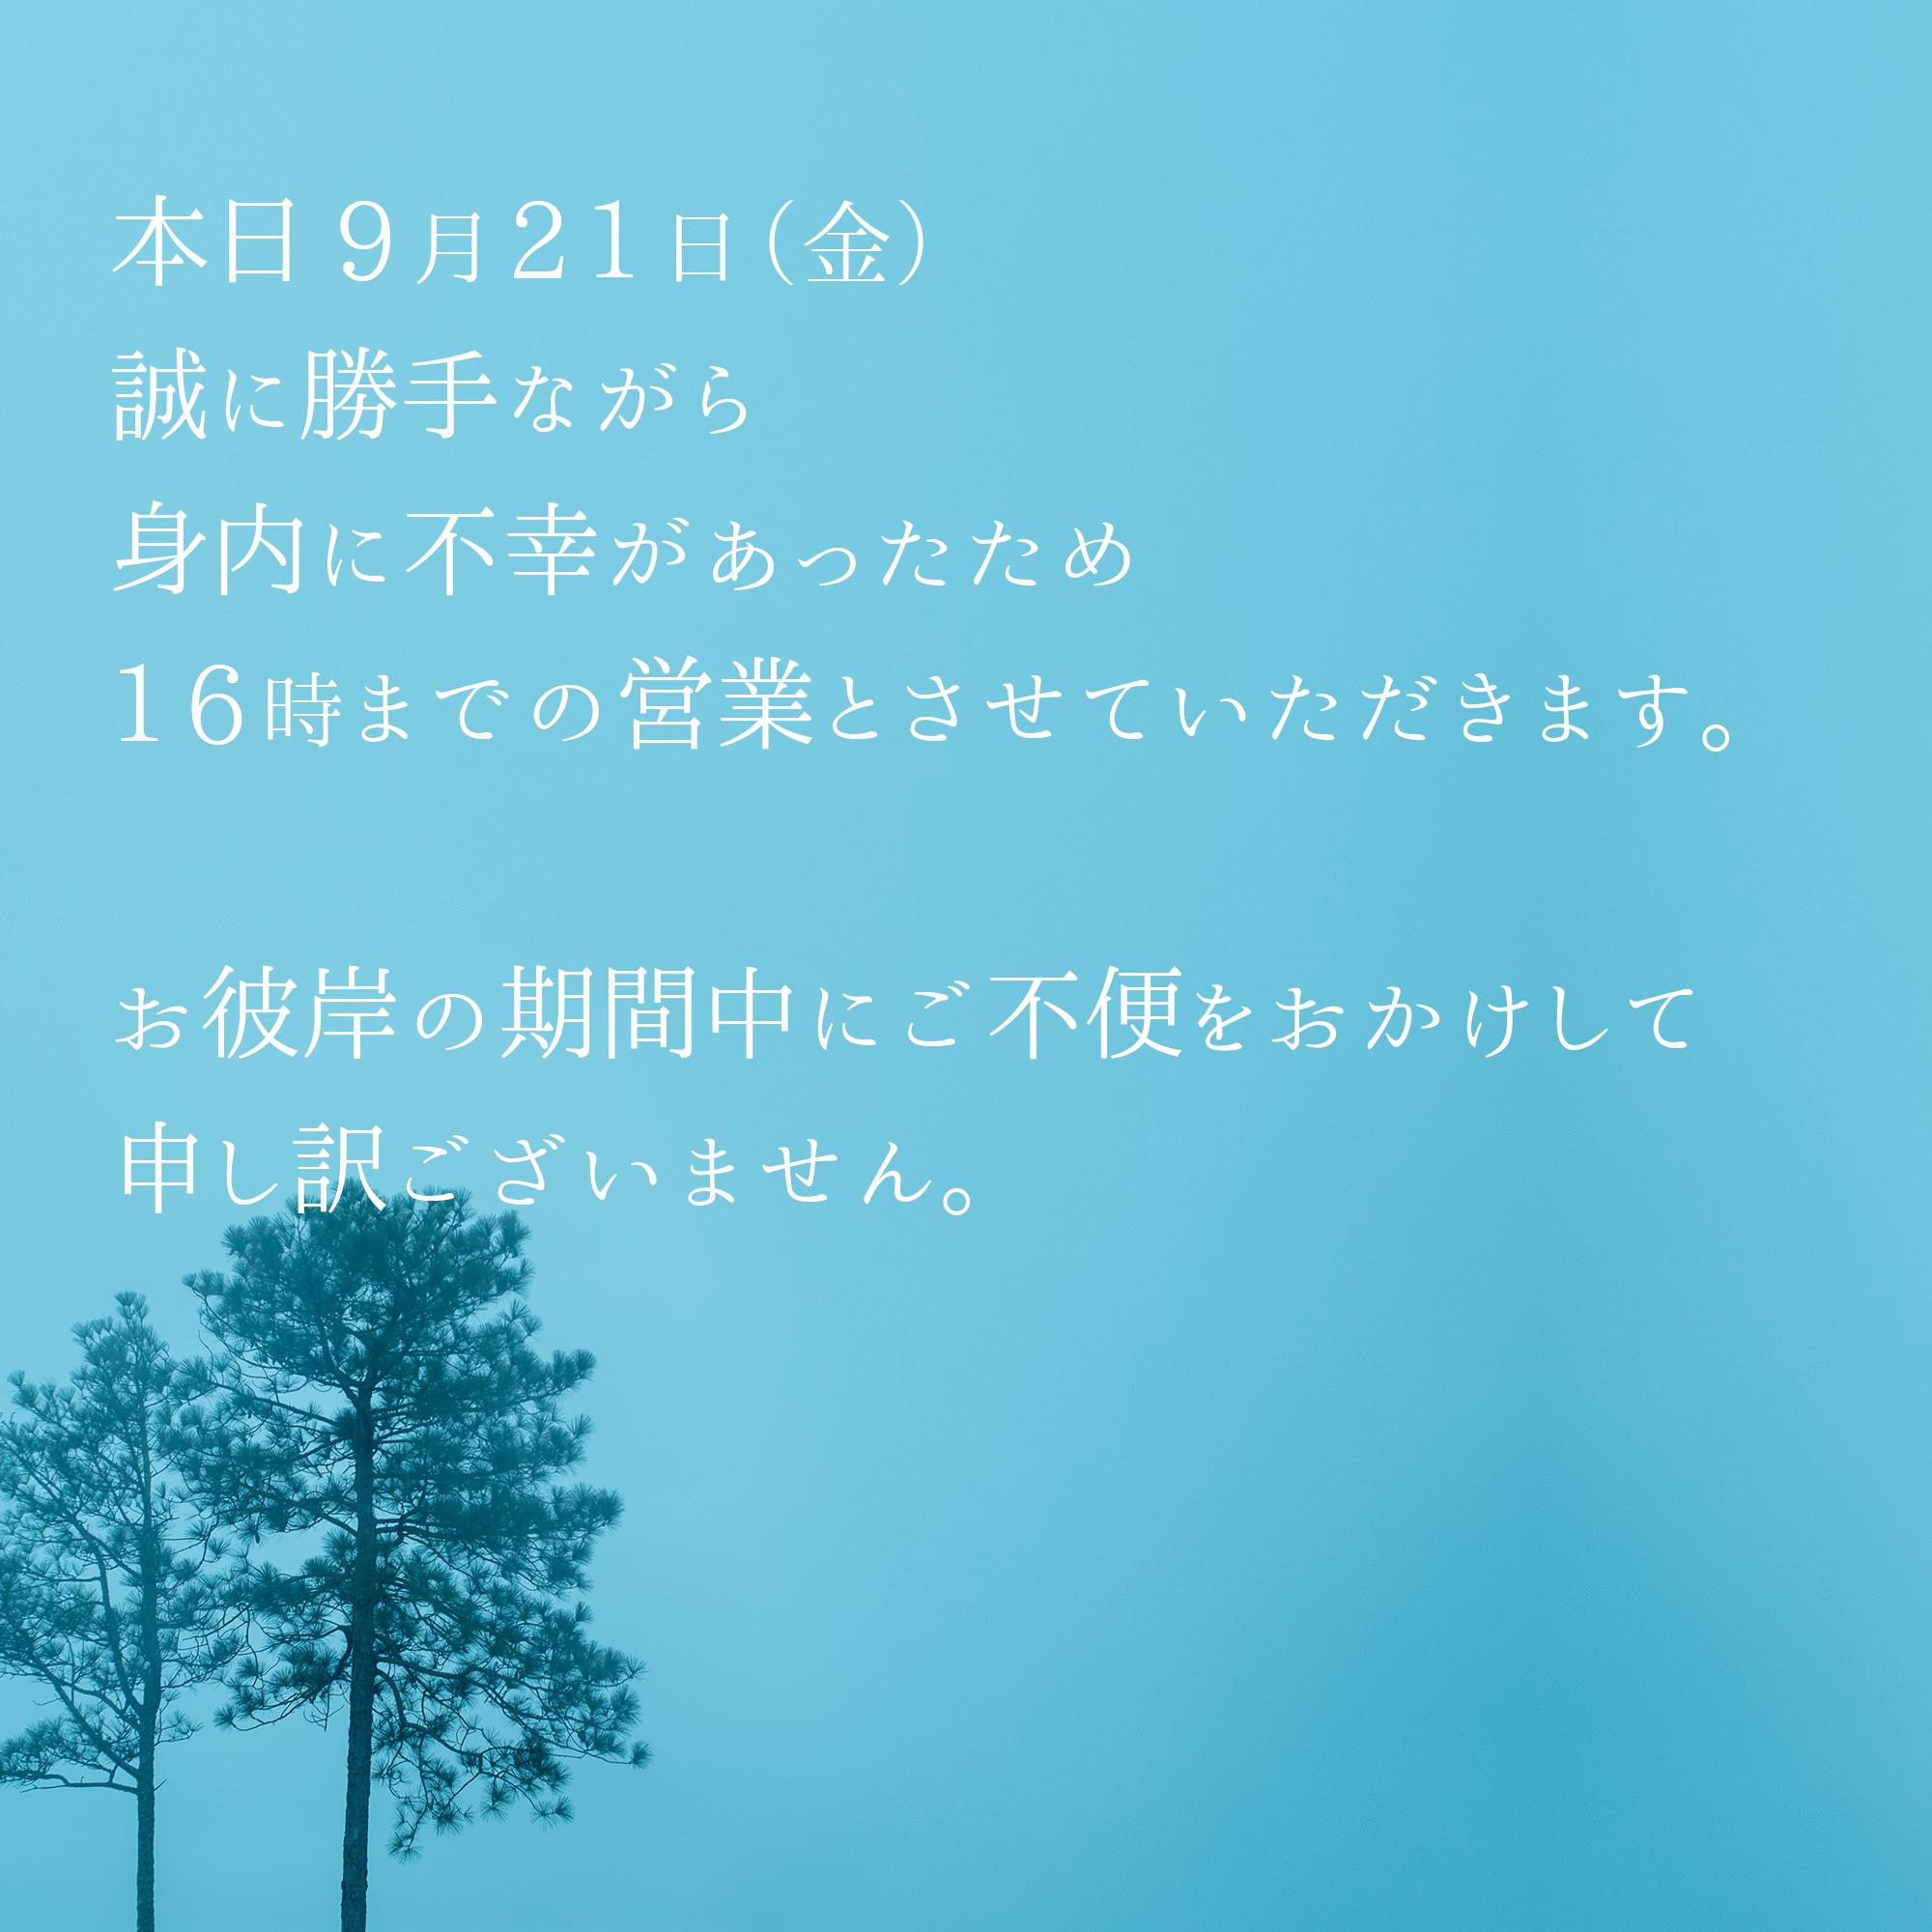 インスタお知らせ921